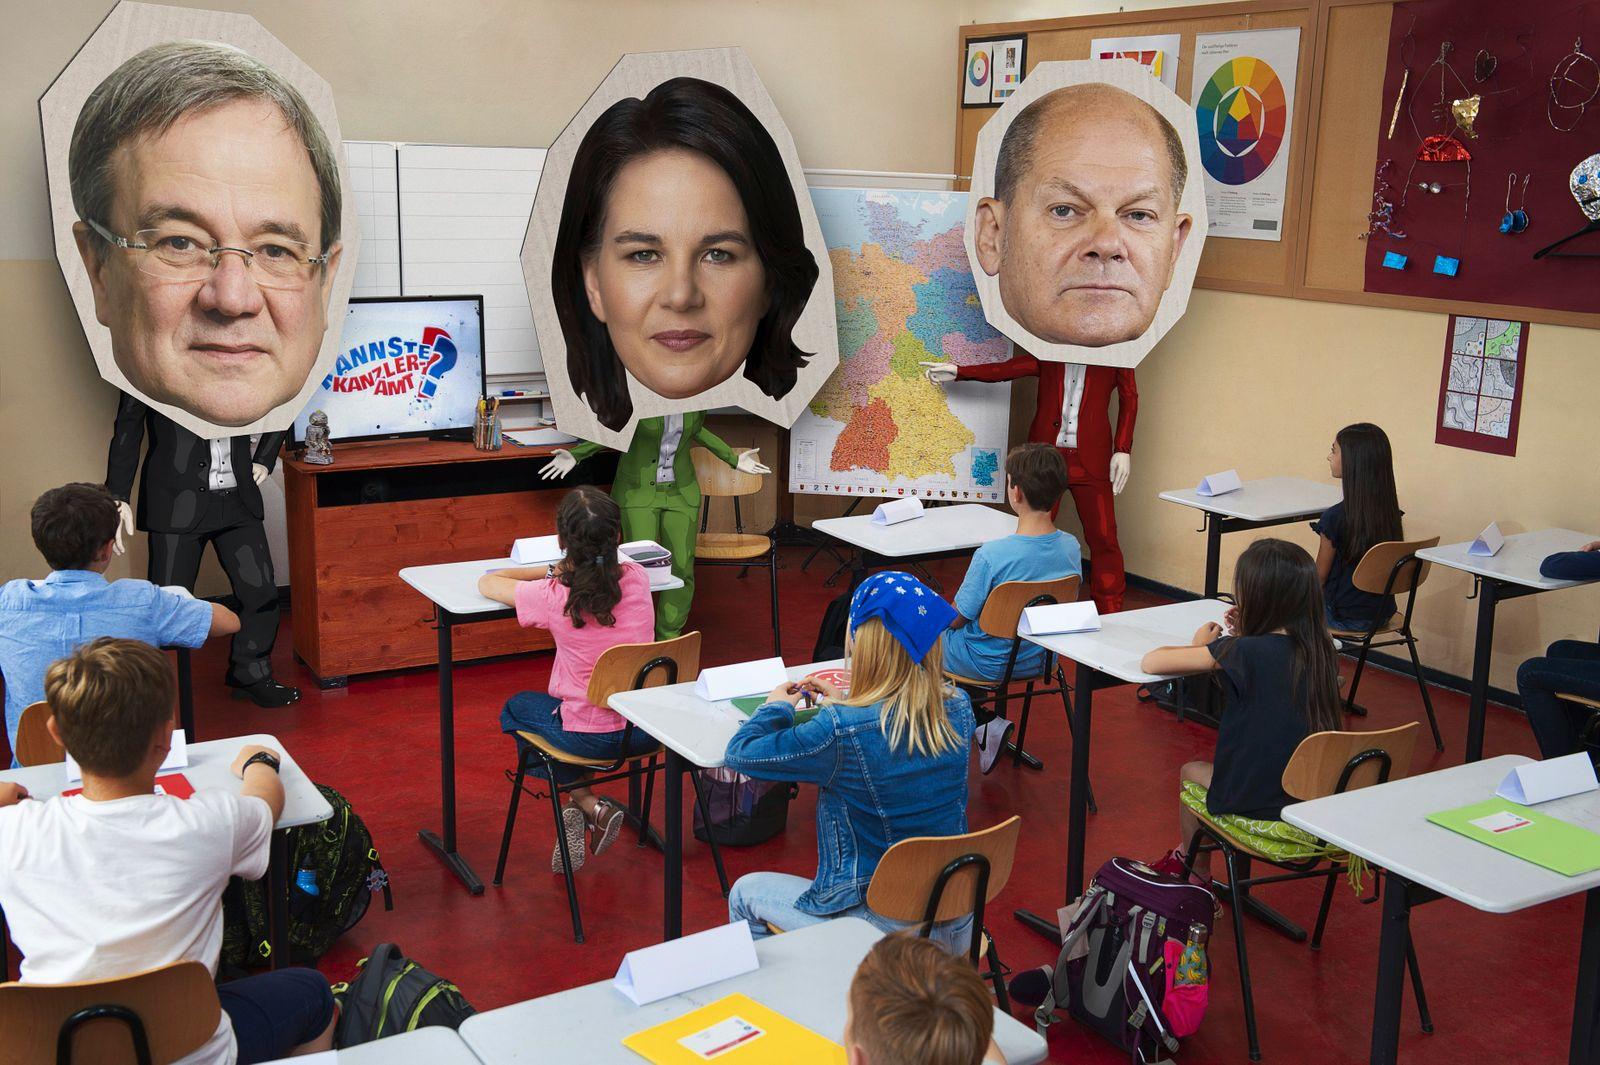 TV/ Kannste Kanzleramt? Baerbock, Laschet und Scholz zur¸ck in der Schule